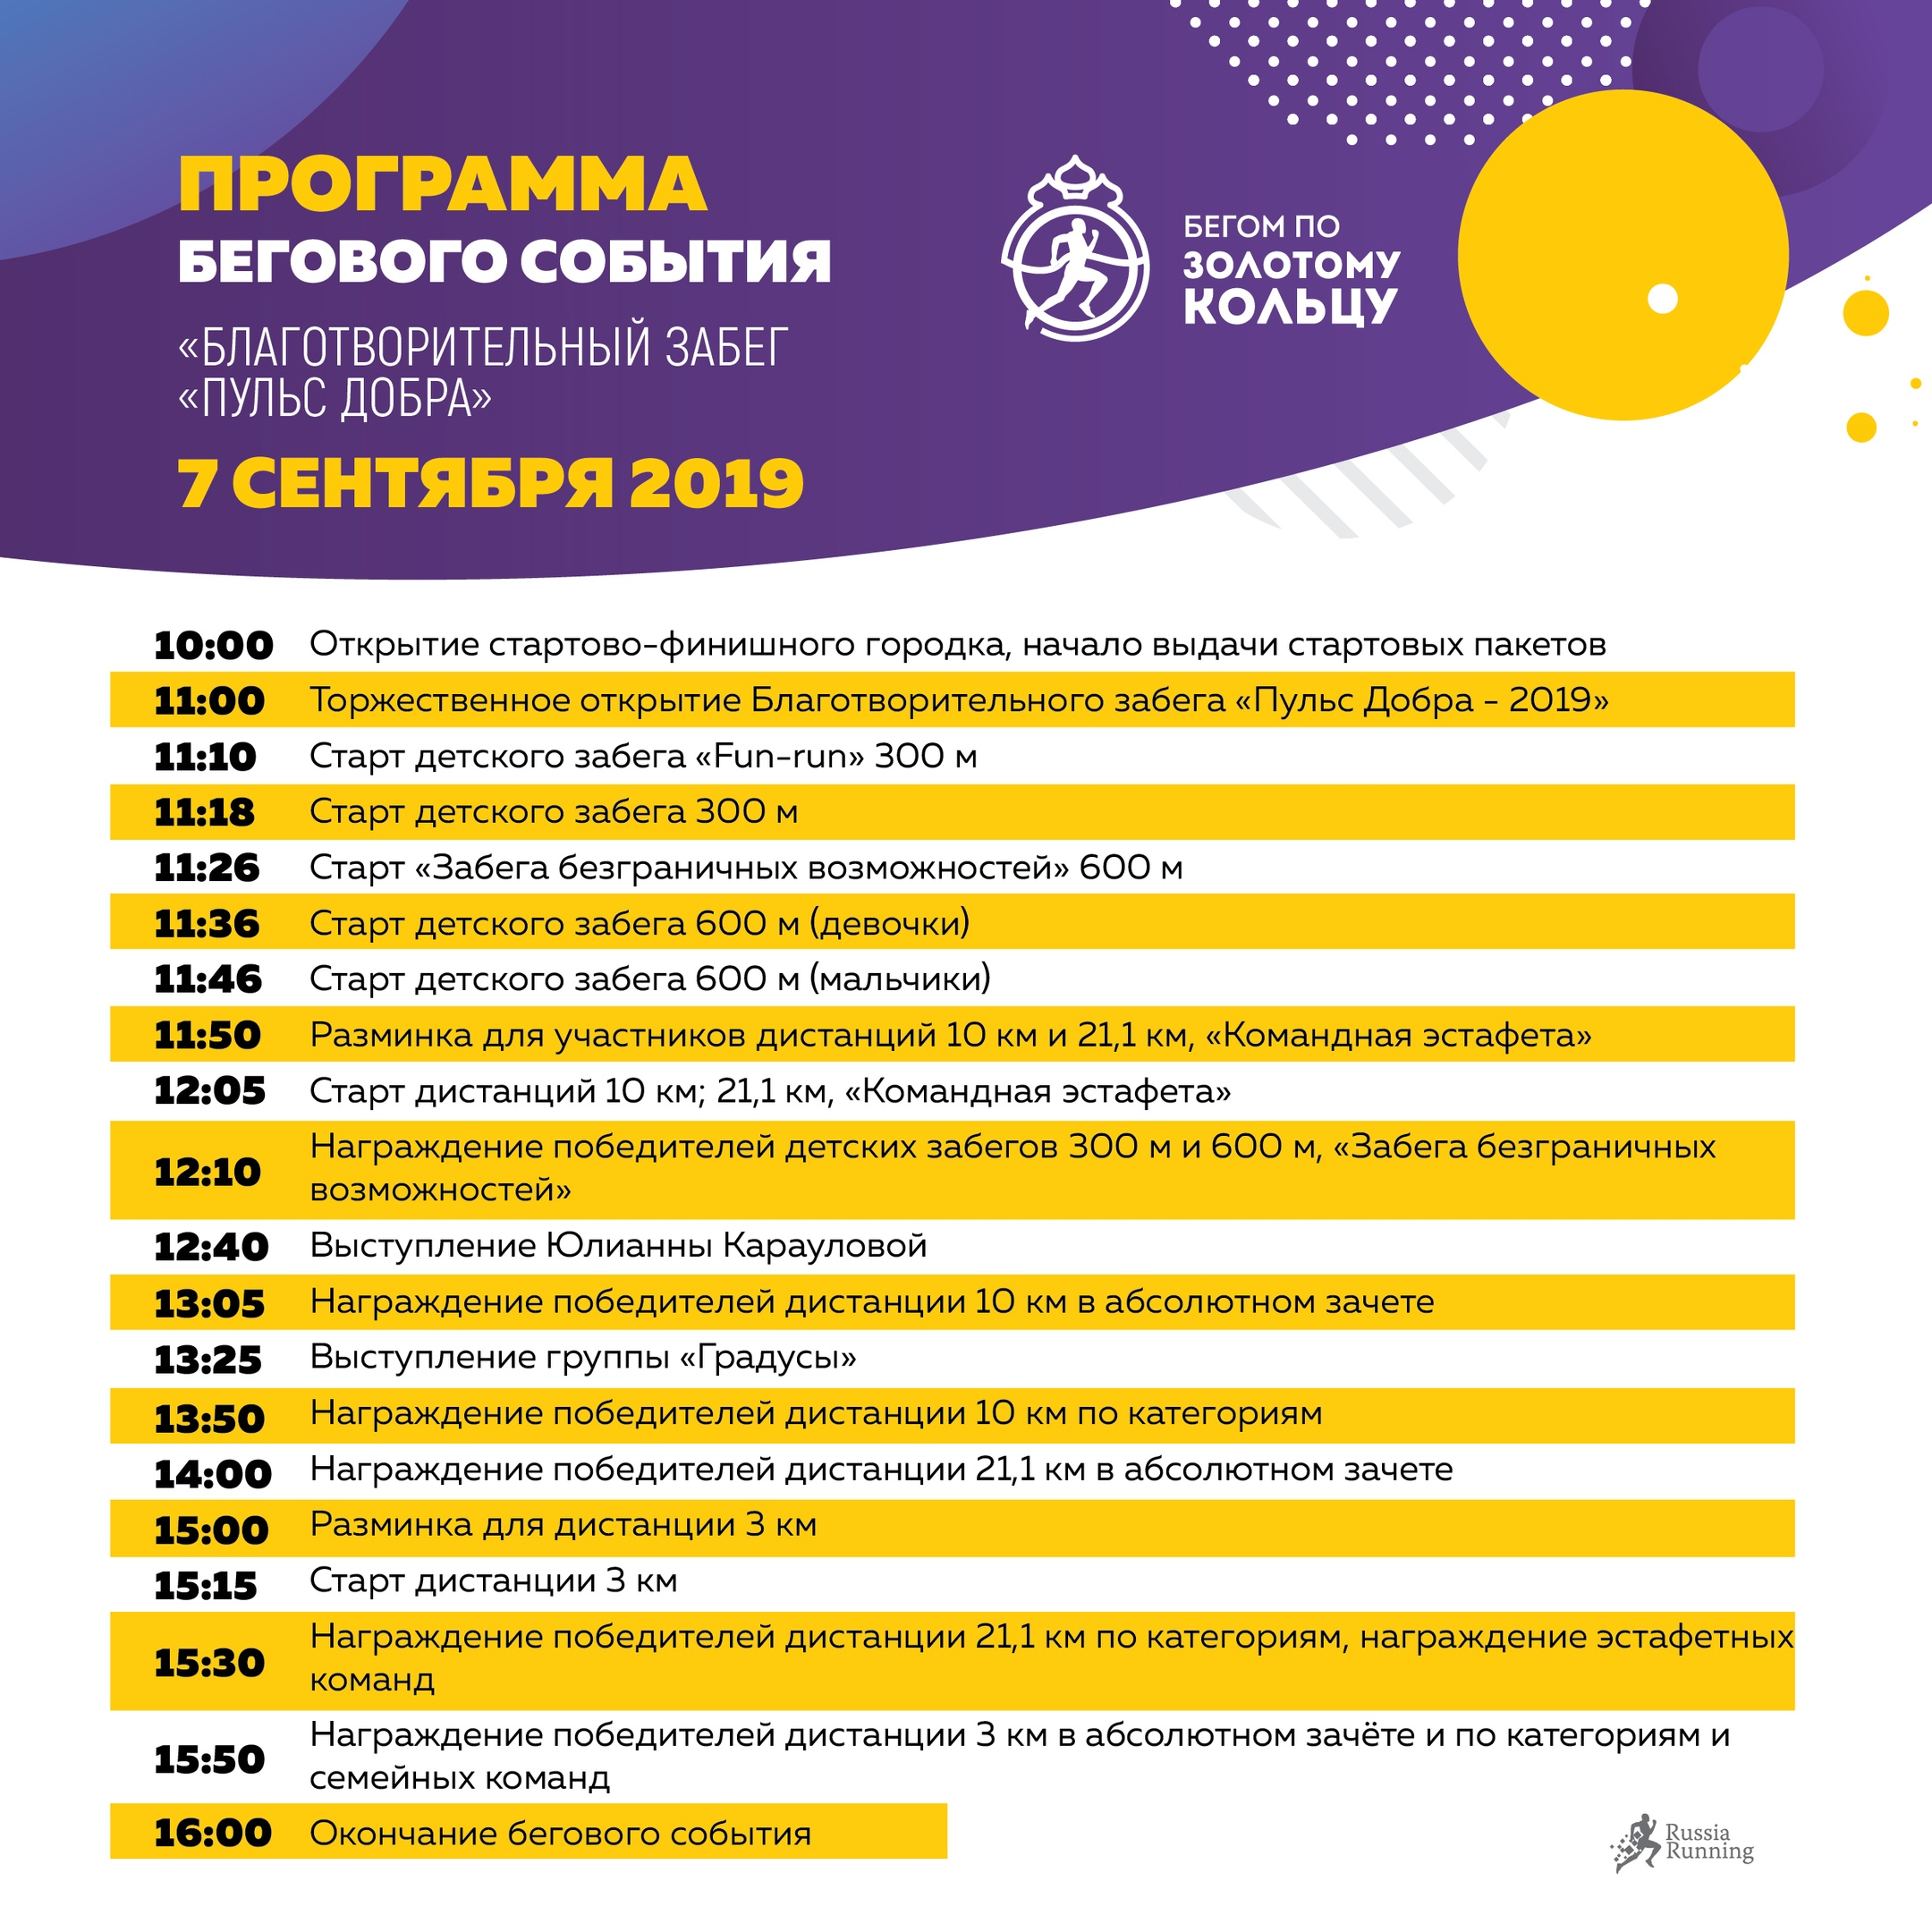 Программа соревнования Полумарафона в Коломне 2019 Пульс Добра